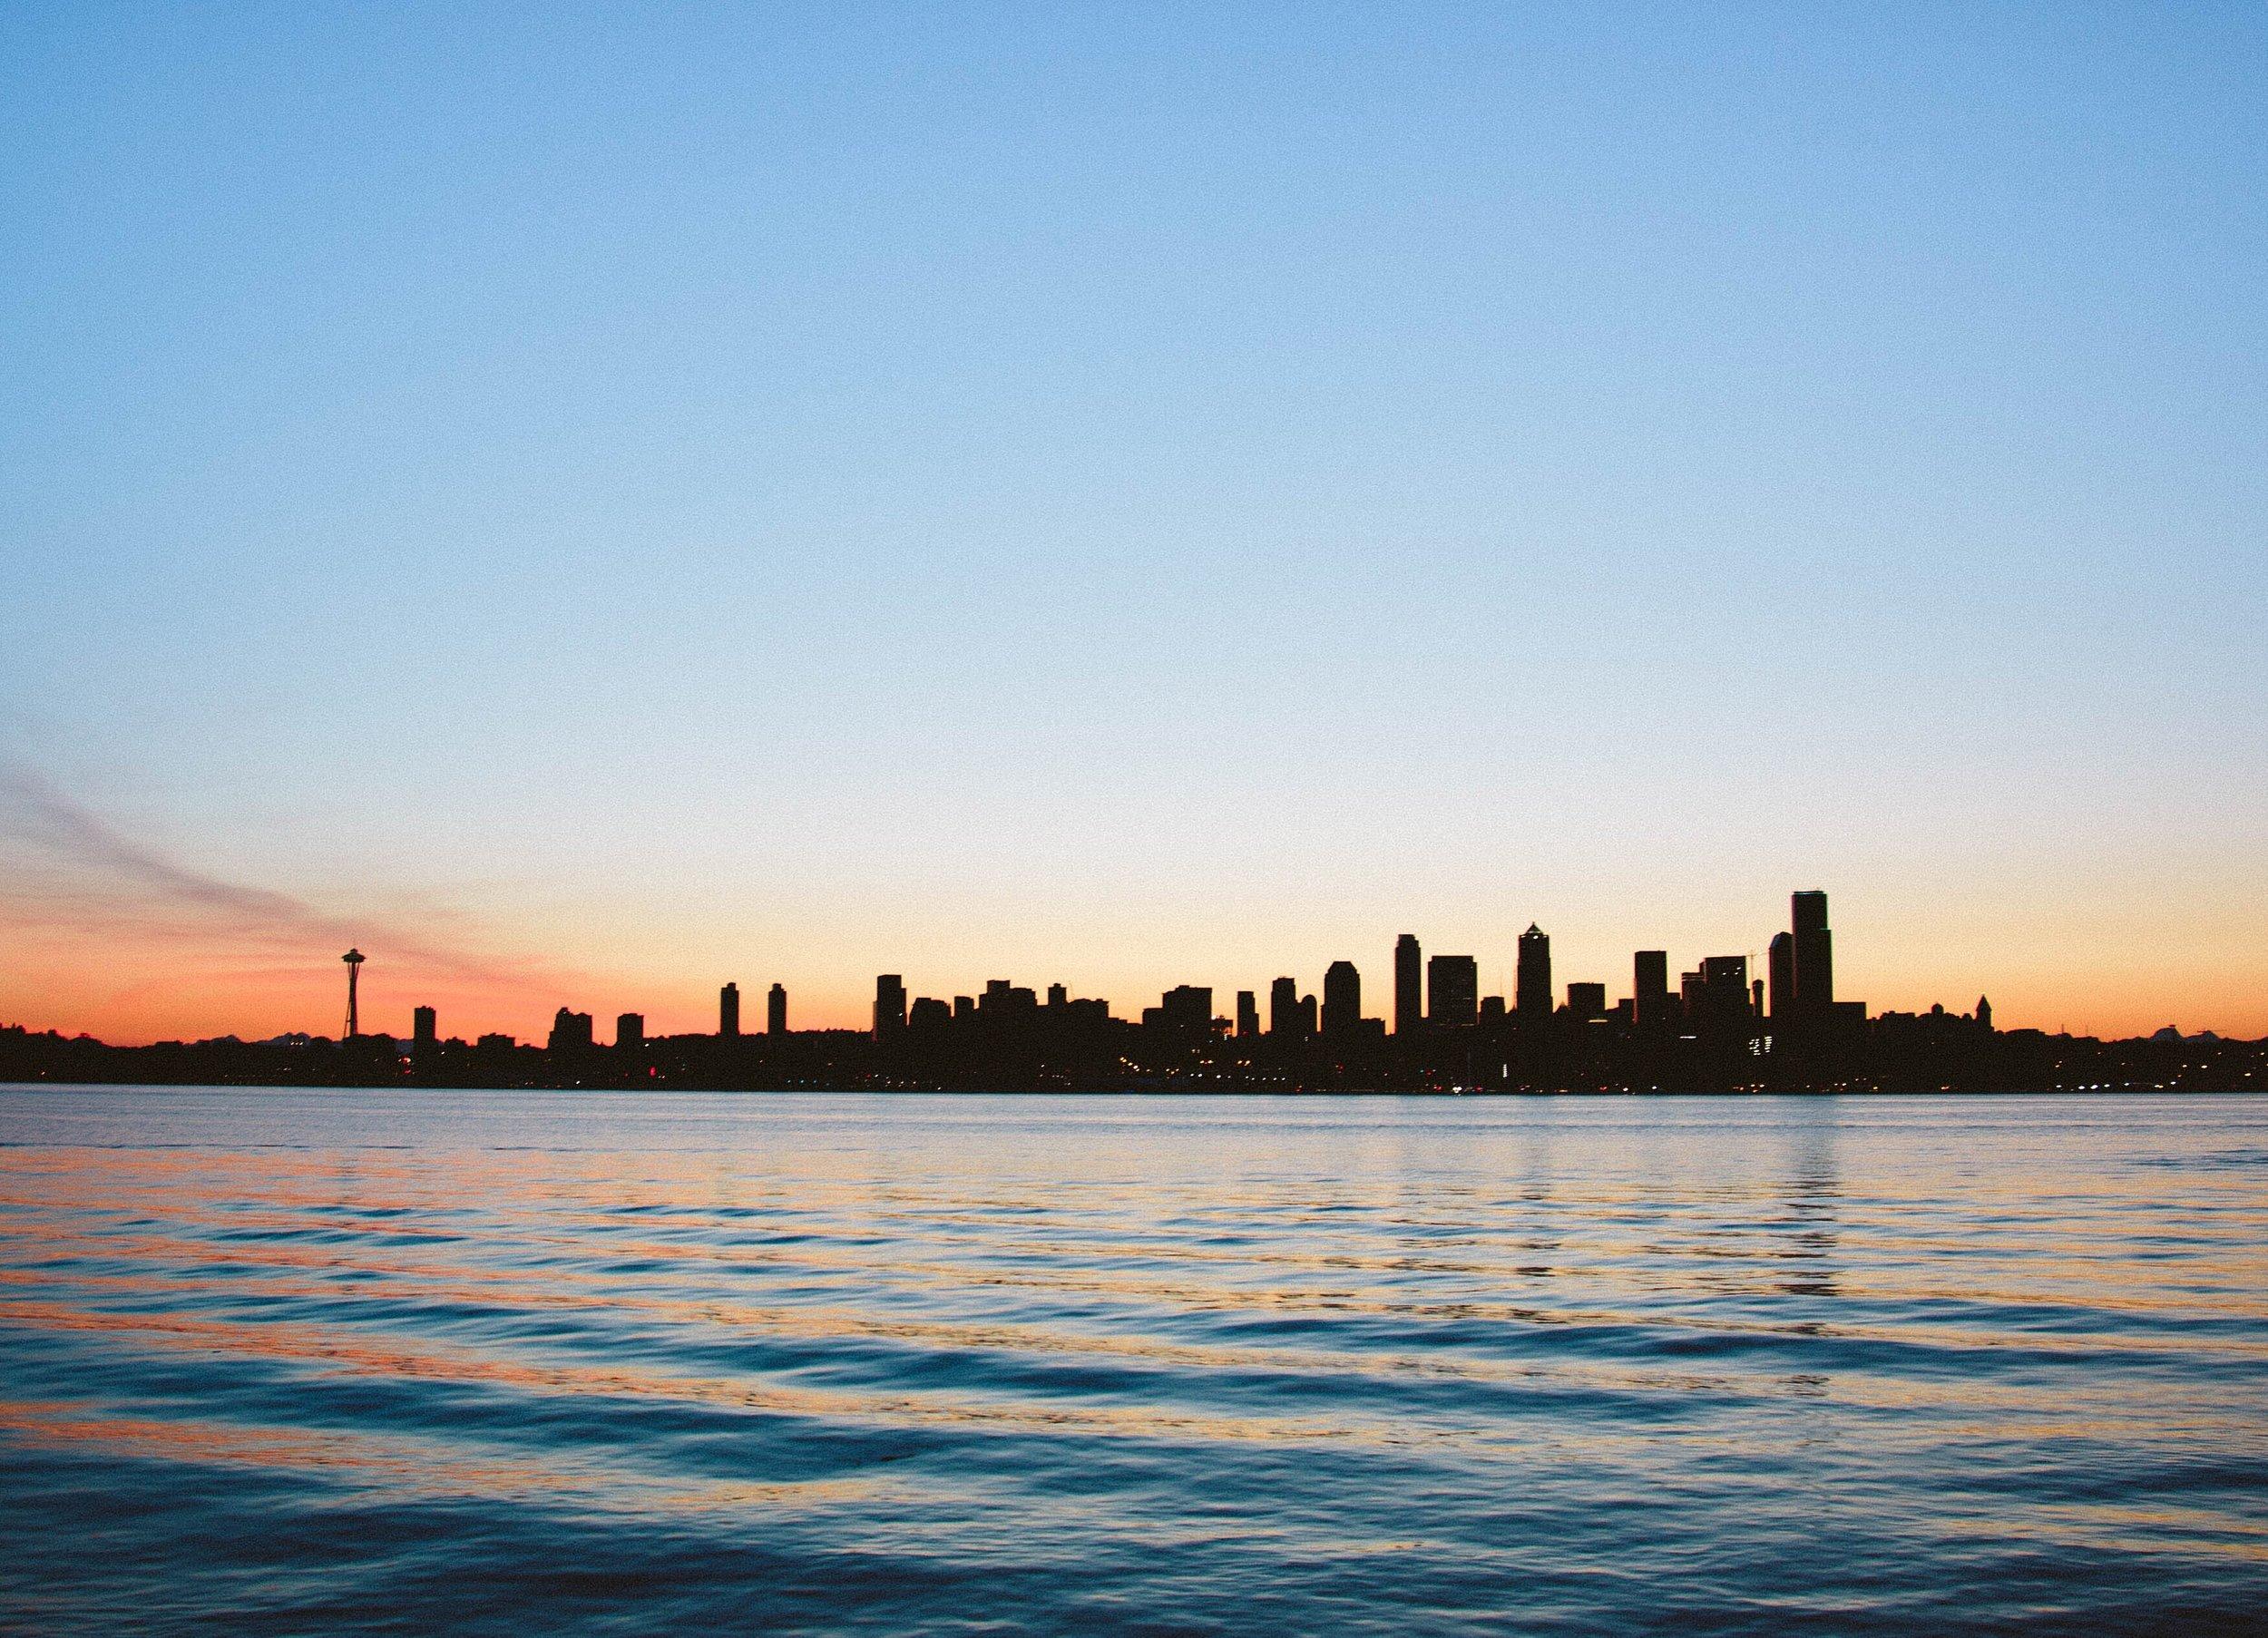 Seattle Skyline by @jakerswong